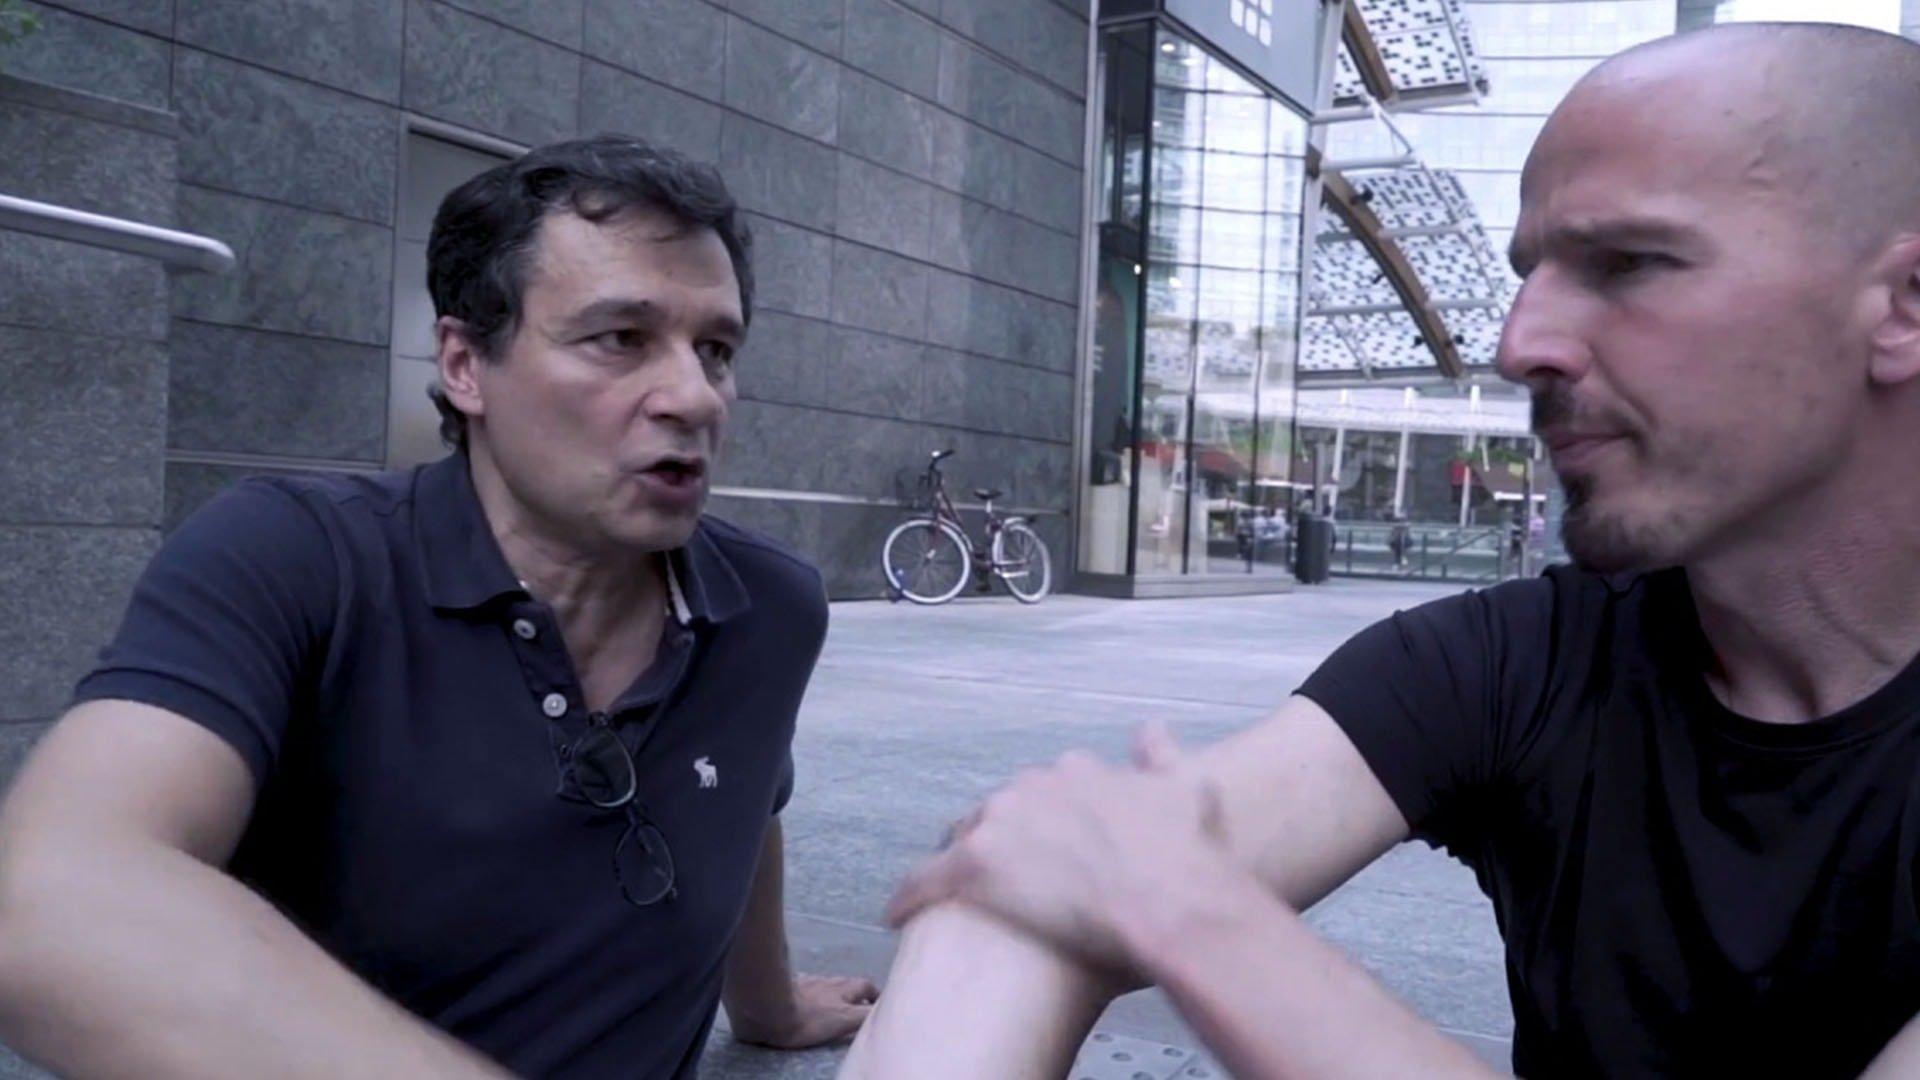 Dario Bressanini ha parlato dei suoi hater con Marco Montemagno